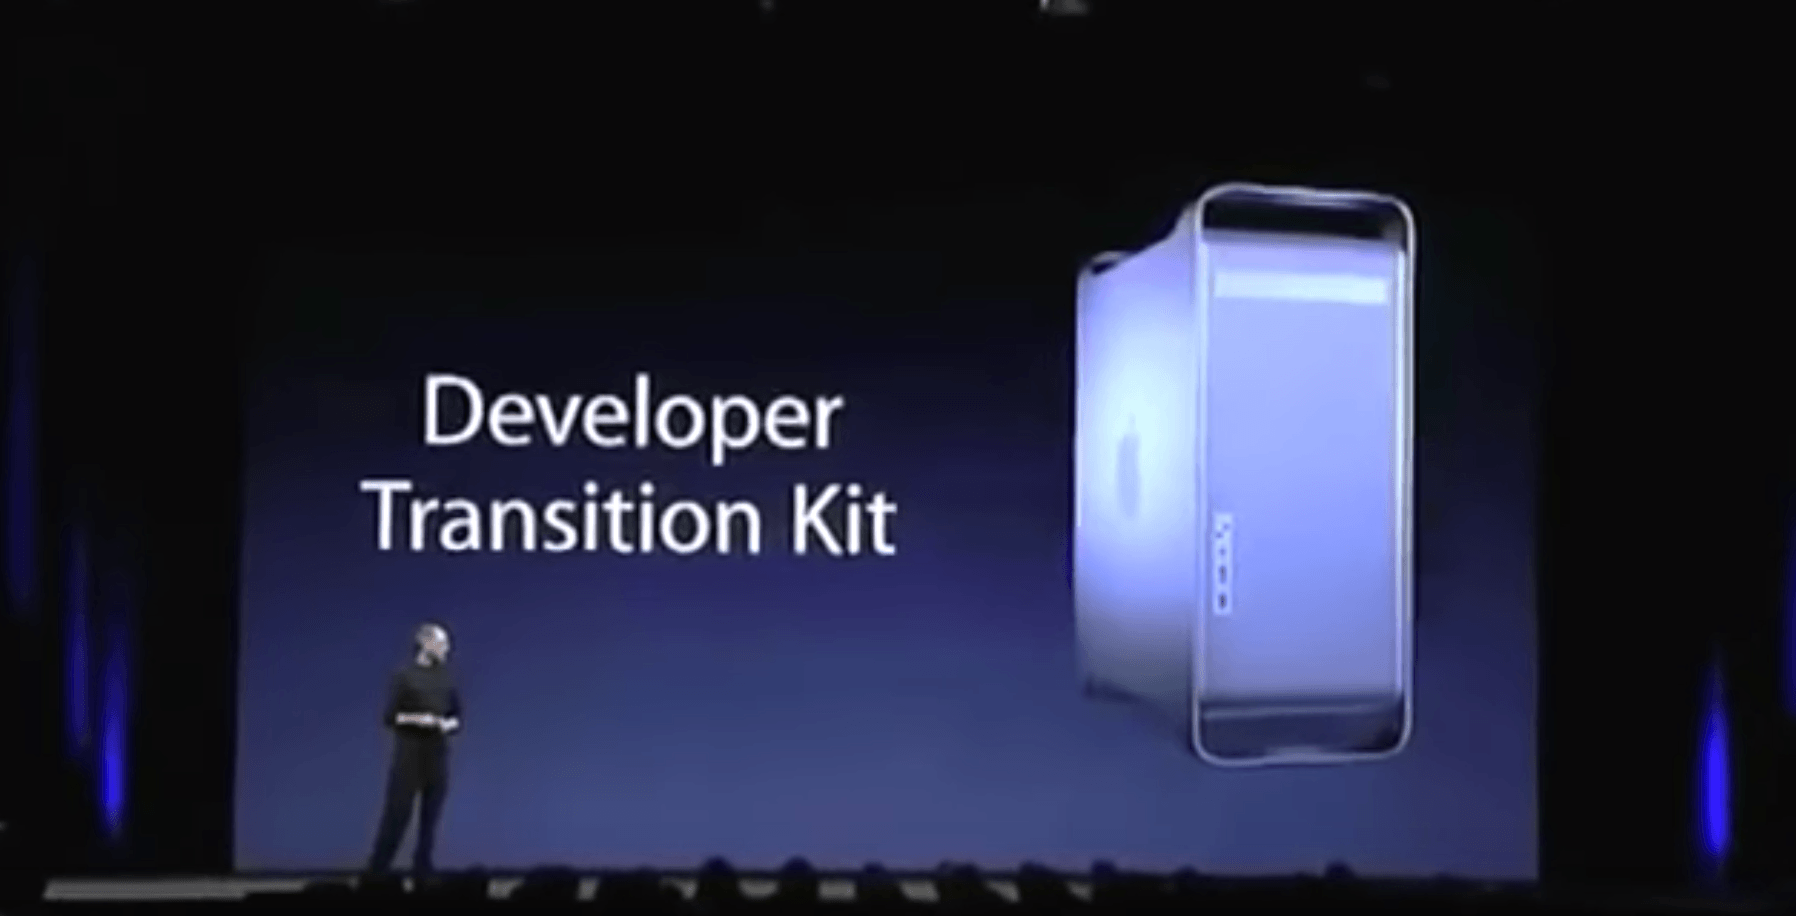 Bị chê ki bo, Apple buộc phải chiều lòng lập trình viên - Ảnh 5.